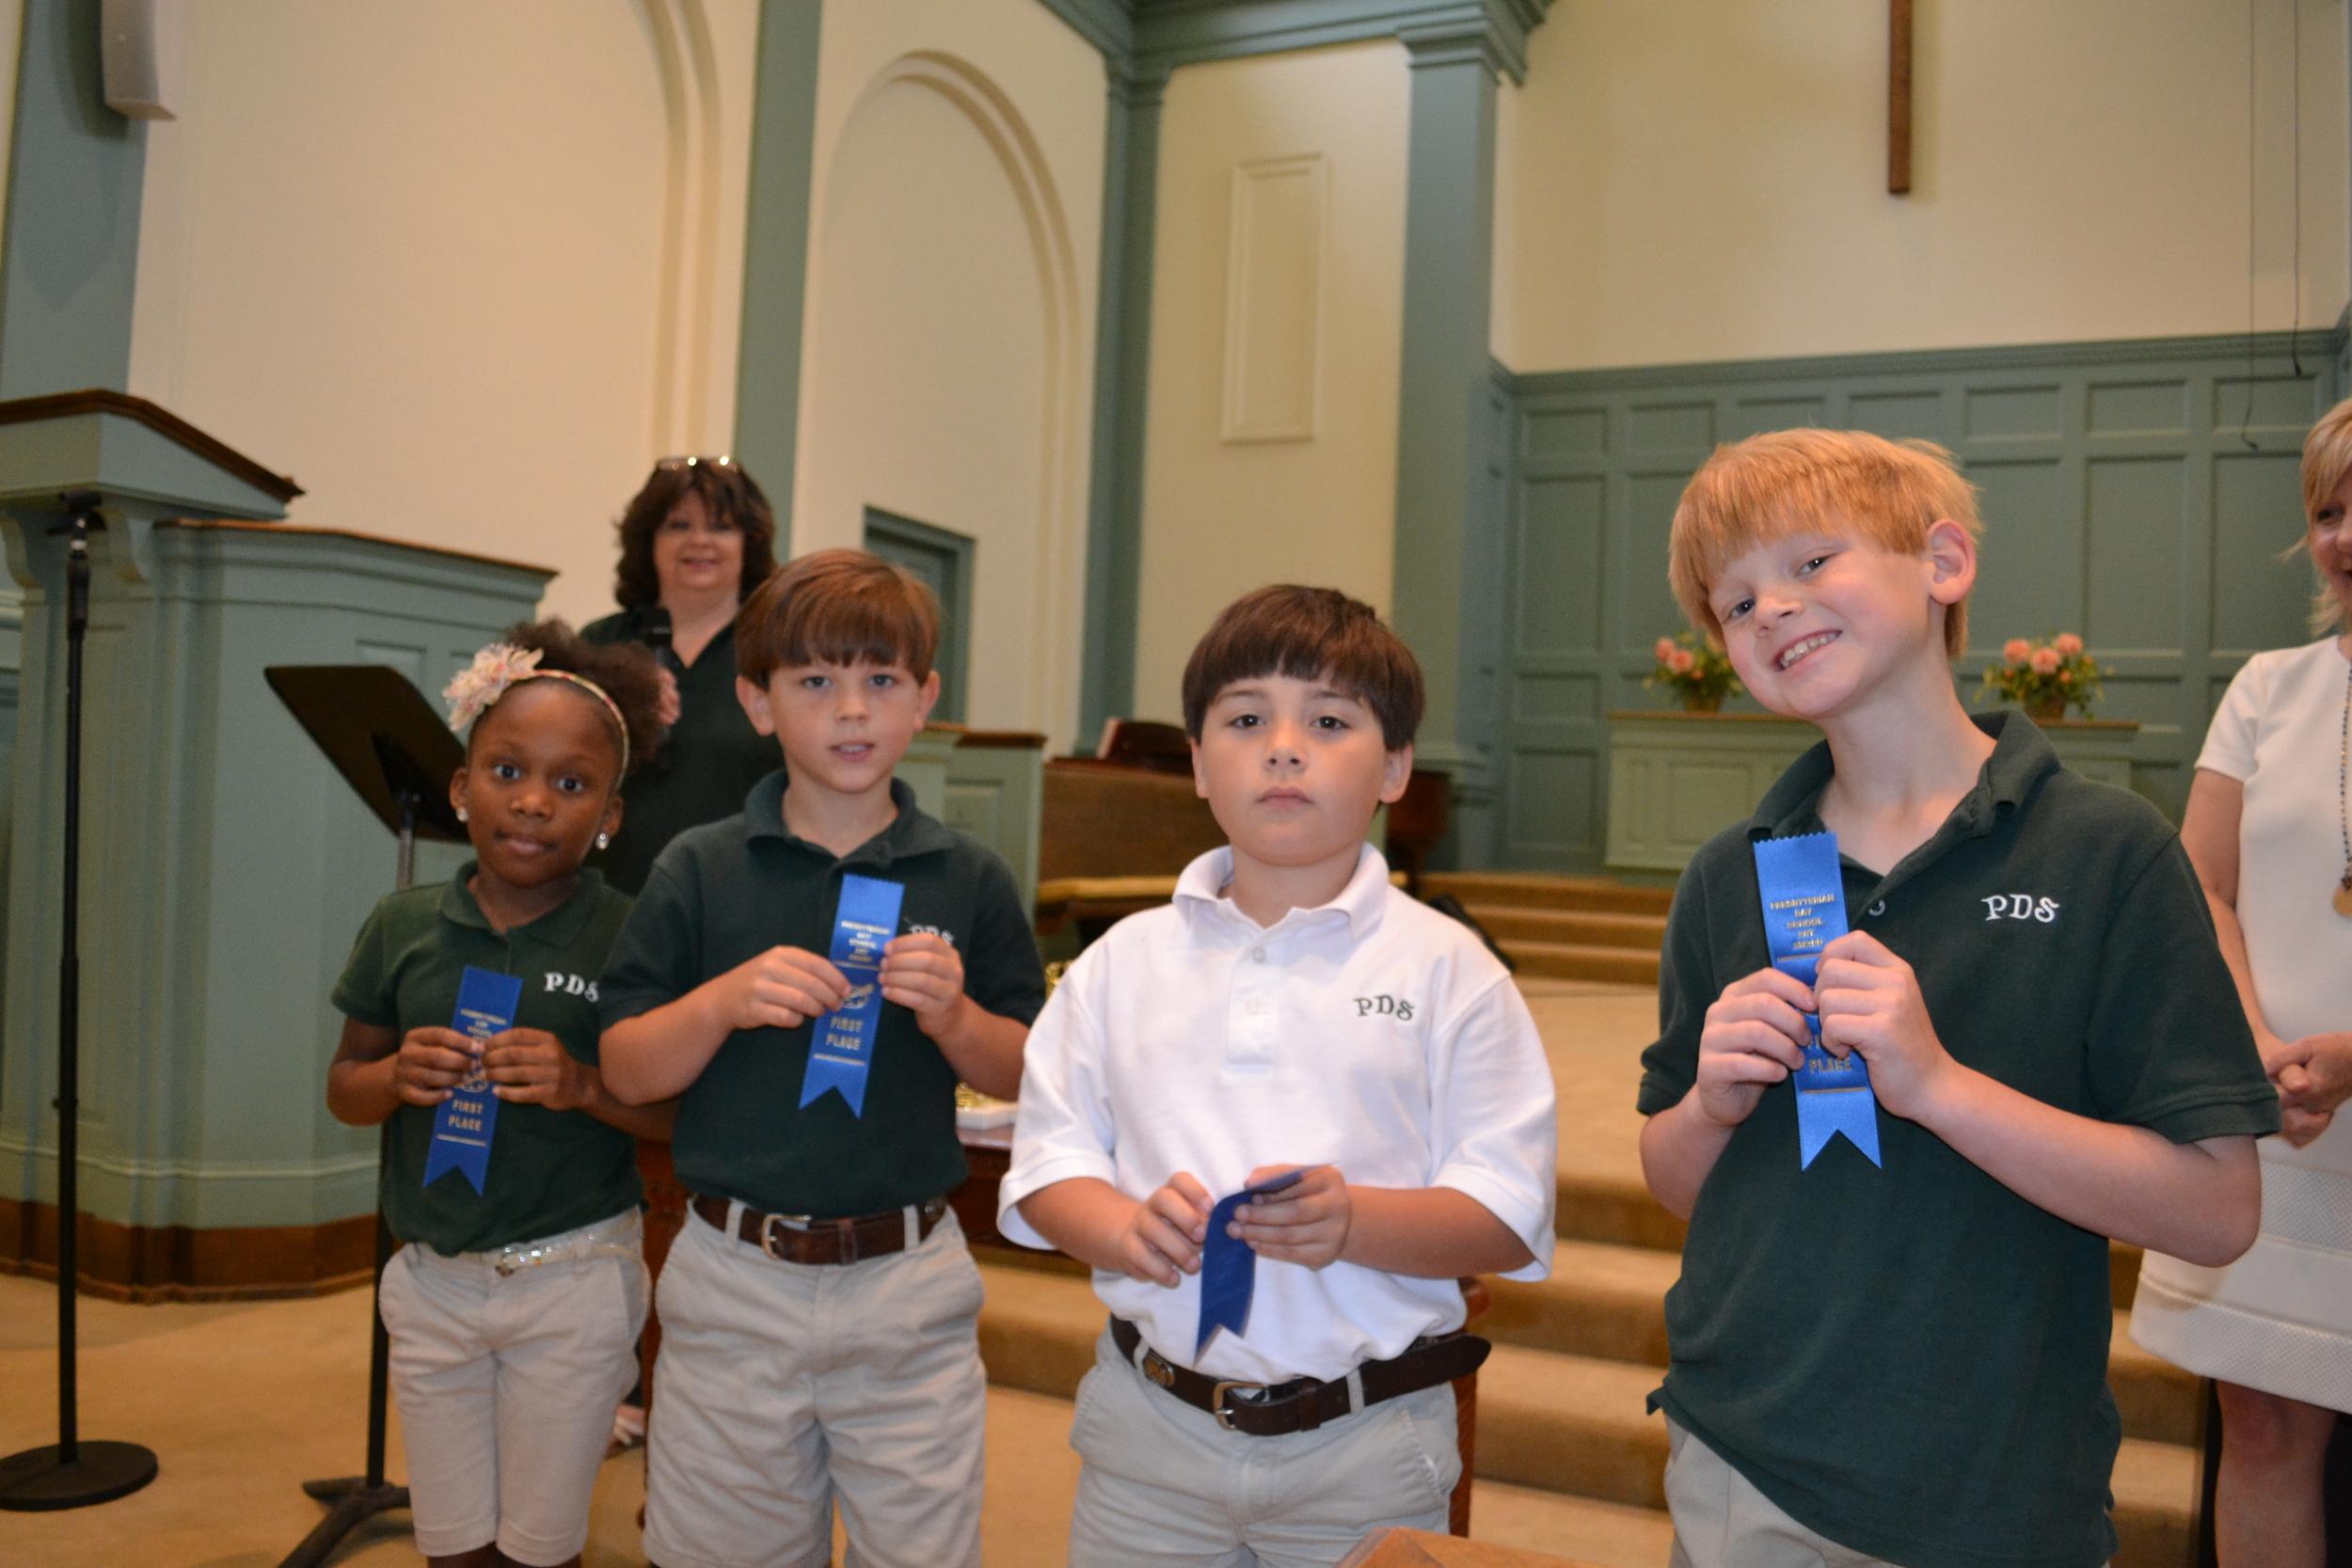 PDS art winners - 2nd grade